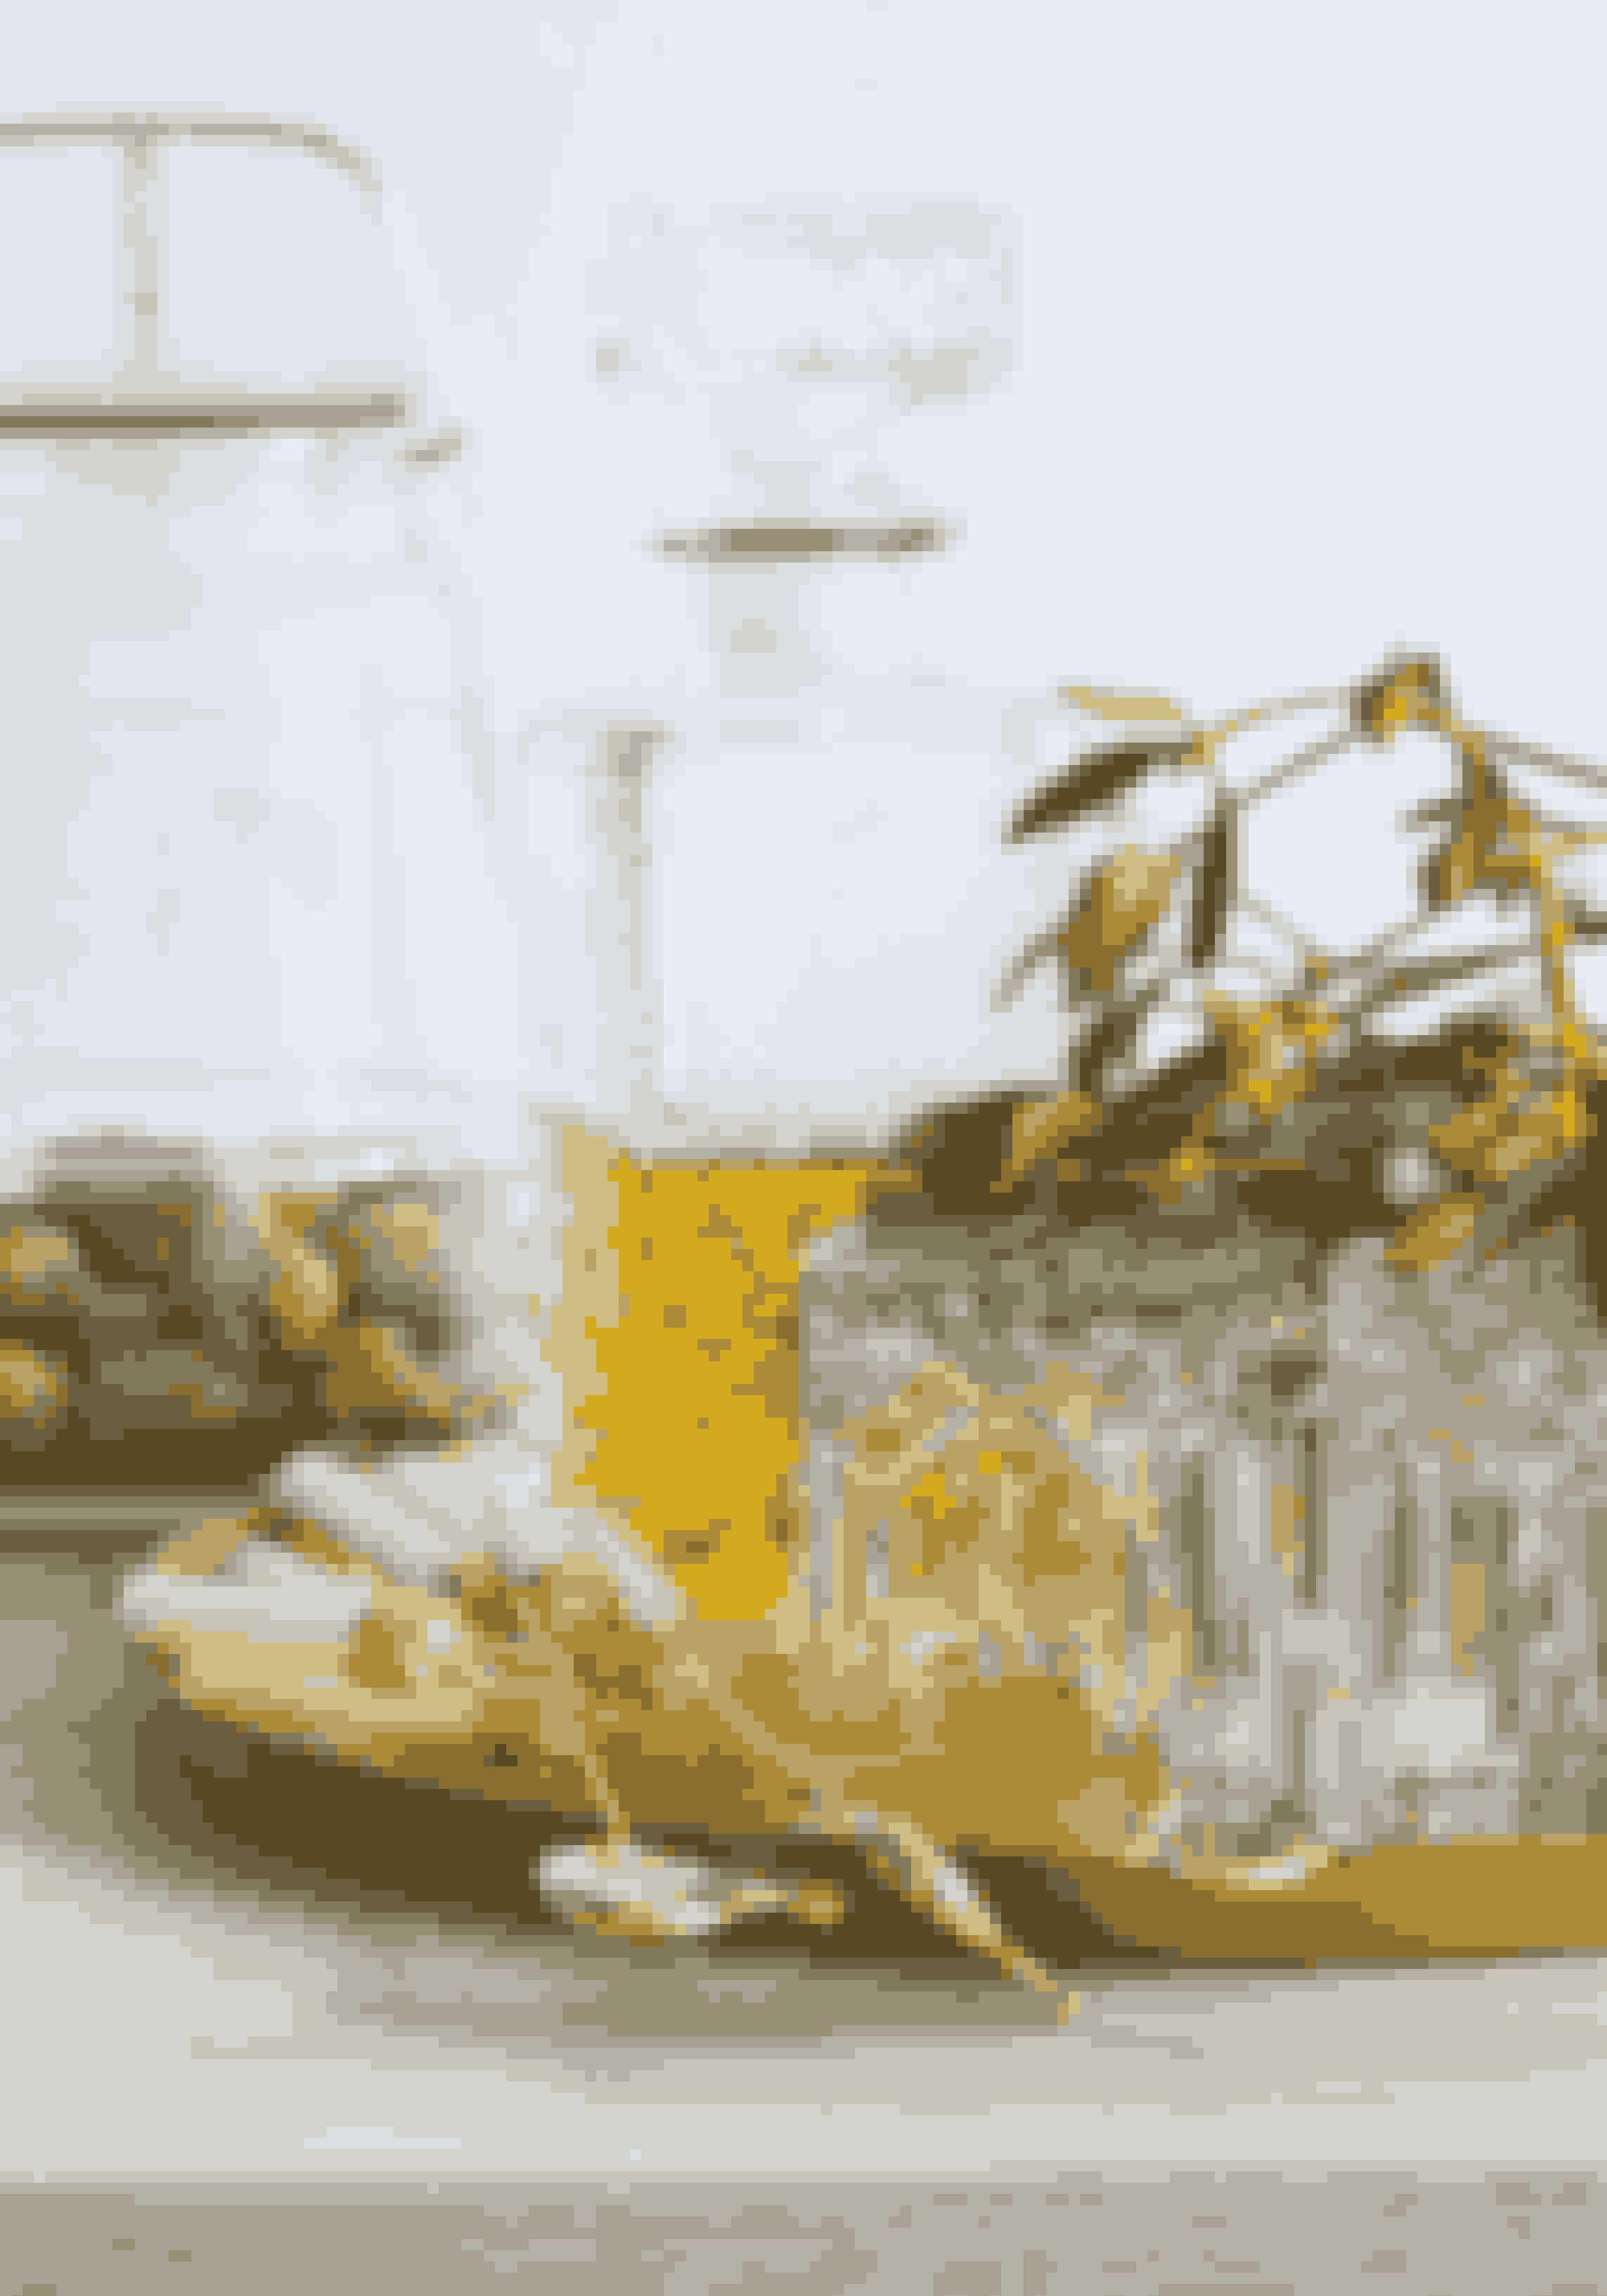 Hold dig til den samme farve metal, fx guld, så udtrykket bliver eksklusivt frem for rodet. Lyseholderne er fra Georg Jensen, og krukken bagest fra Holmegaard.